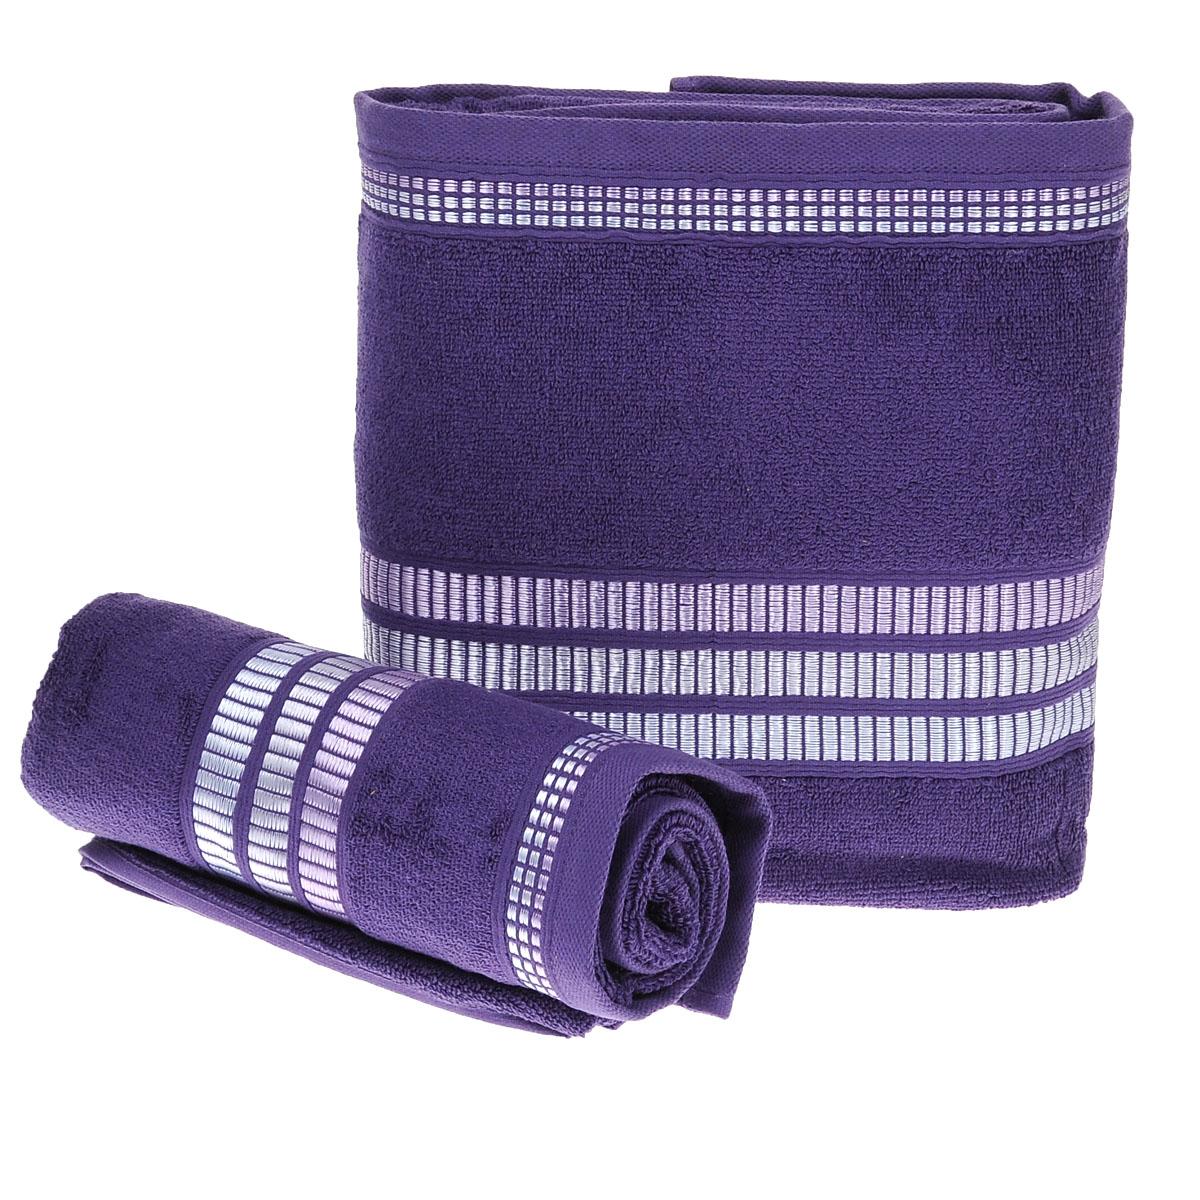 Набор махровых полотенец Coronet Пиано, цвет: темно-фиолетовый, 2 шт. Б-МП-2020-15-12-сБ-МП-2020-15-12-сПодарочный набор Coronet Пиано состоит из двух полотенец разного размера, выполненных из натуральной махровой ткани. Полотенца украшены изящным декоративным тиснением. Мягкие и уютные, они прекрасно впитывают влагу и легко стираются. Такой набор подарит вам мягкость и необыкновенный комфорт в использовании. Благодаря высокому качеству изготовления, полотенце будет радовать многие годы. Полотенца упакованы в подарочную коробку и станут приятным и полезным подарком вашим друзьям и близким.